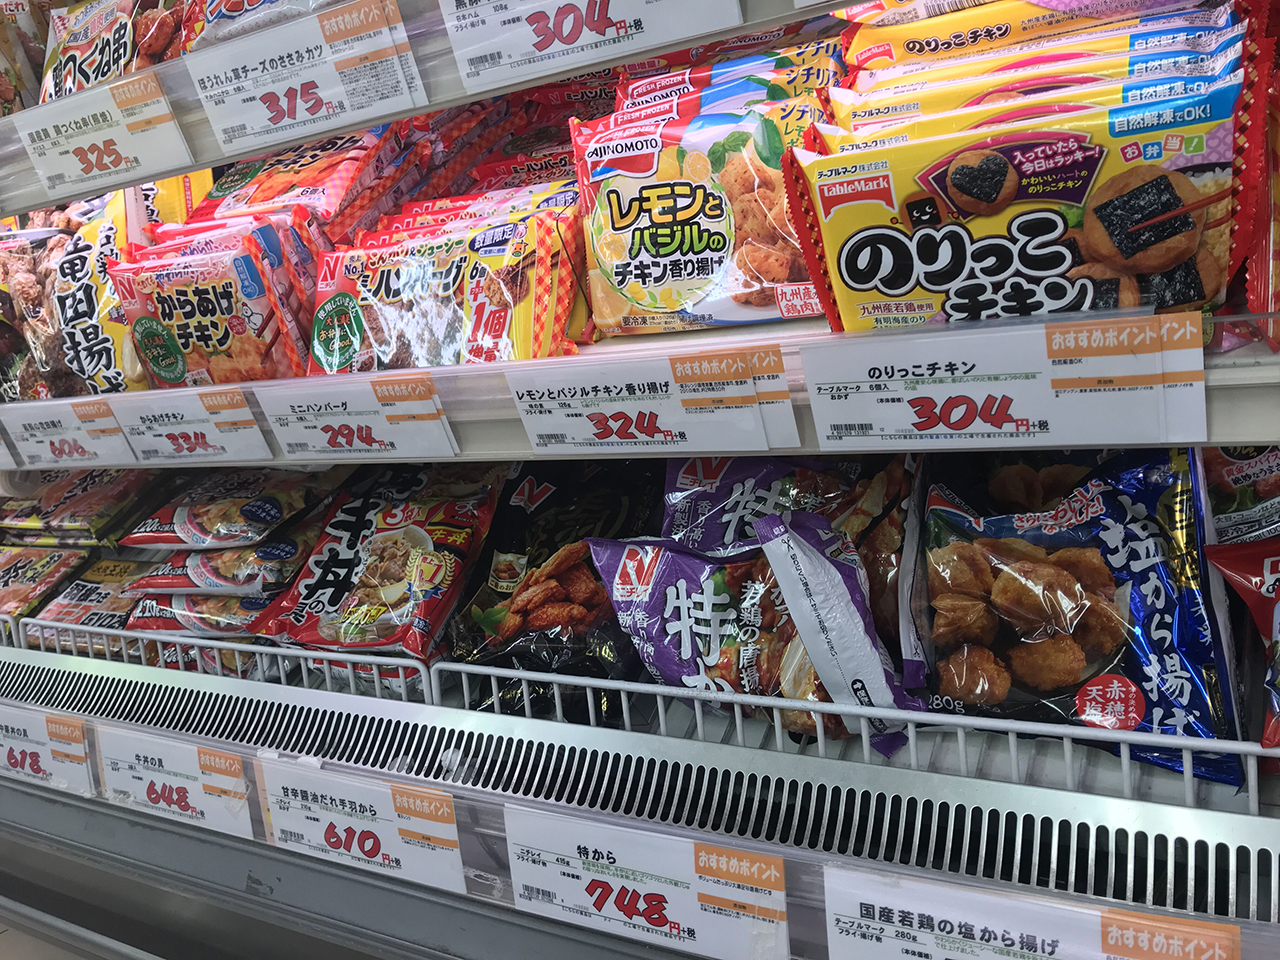 ワイズマートの冷凍食品売り場の写真